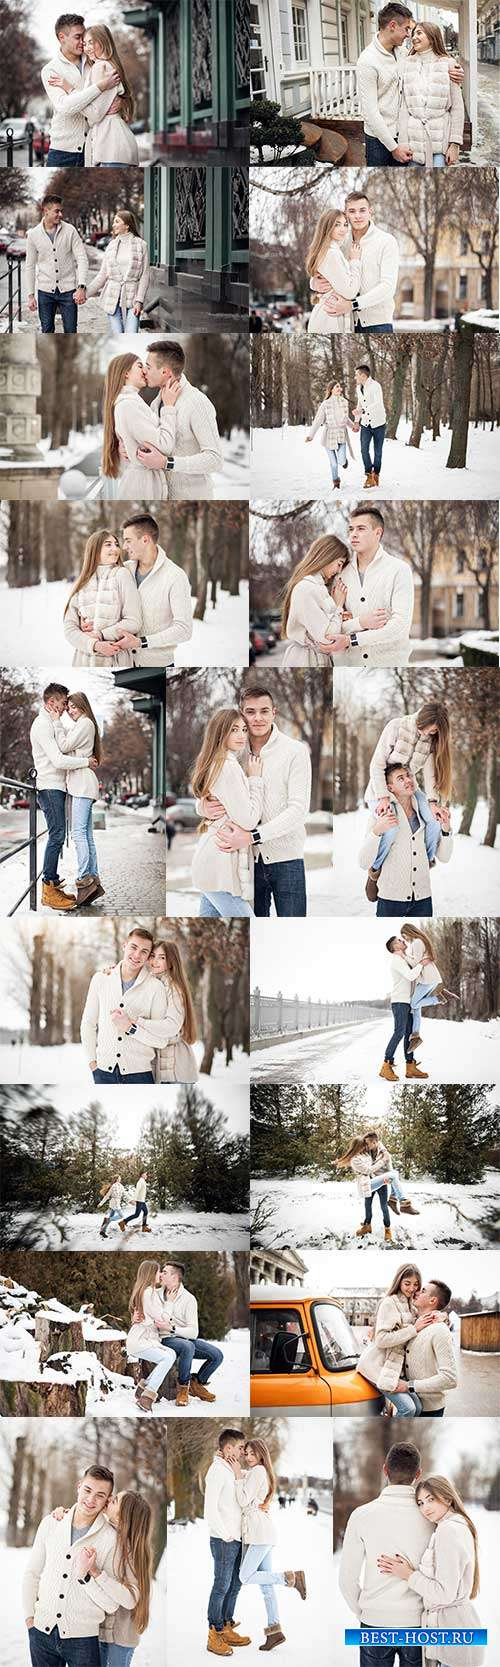 Влюблённая пара на прогулке - Фотоклипарт